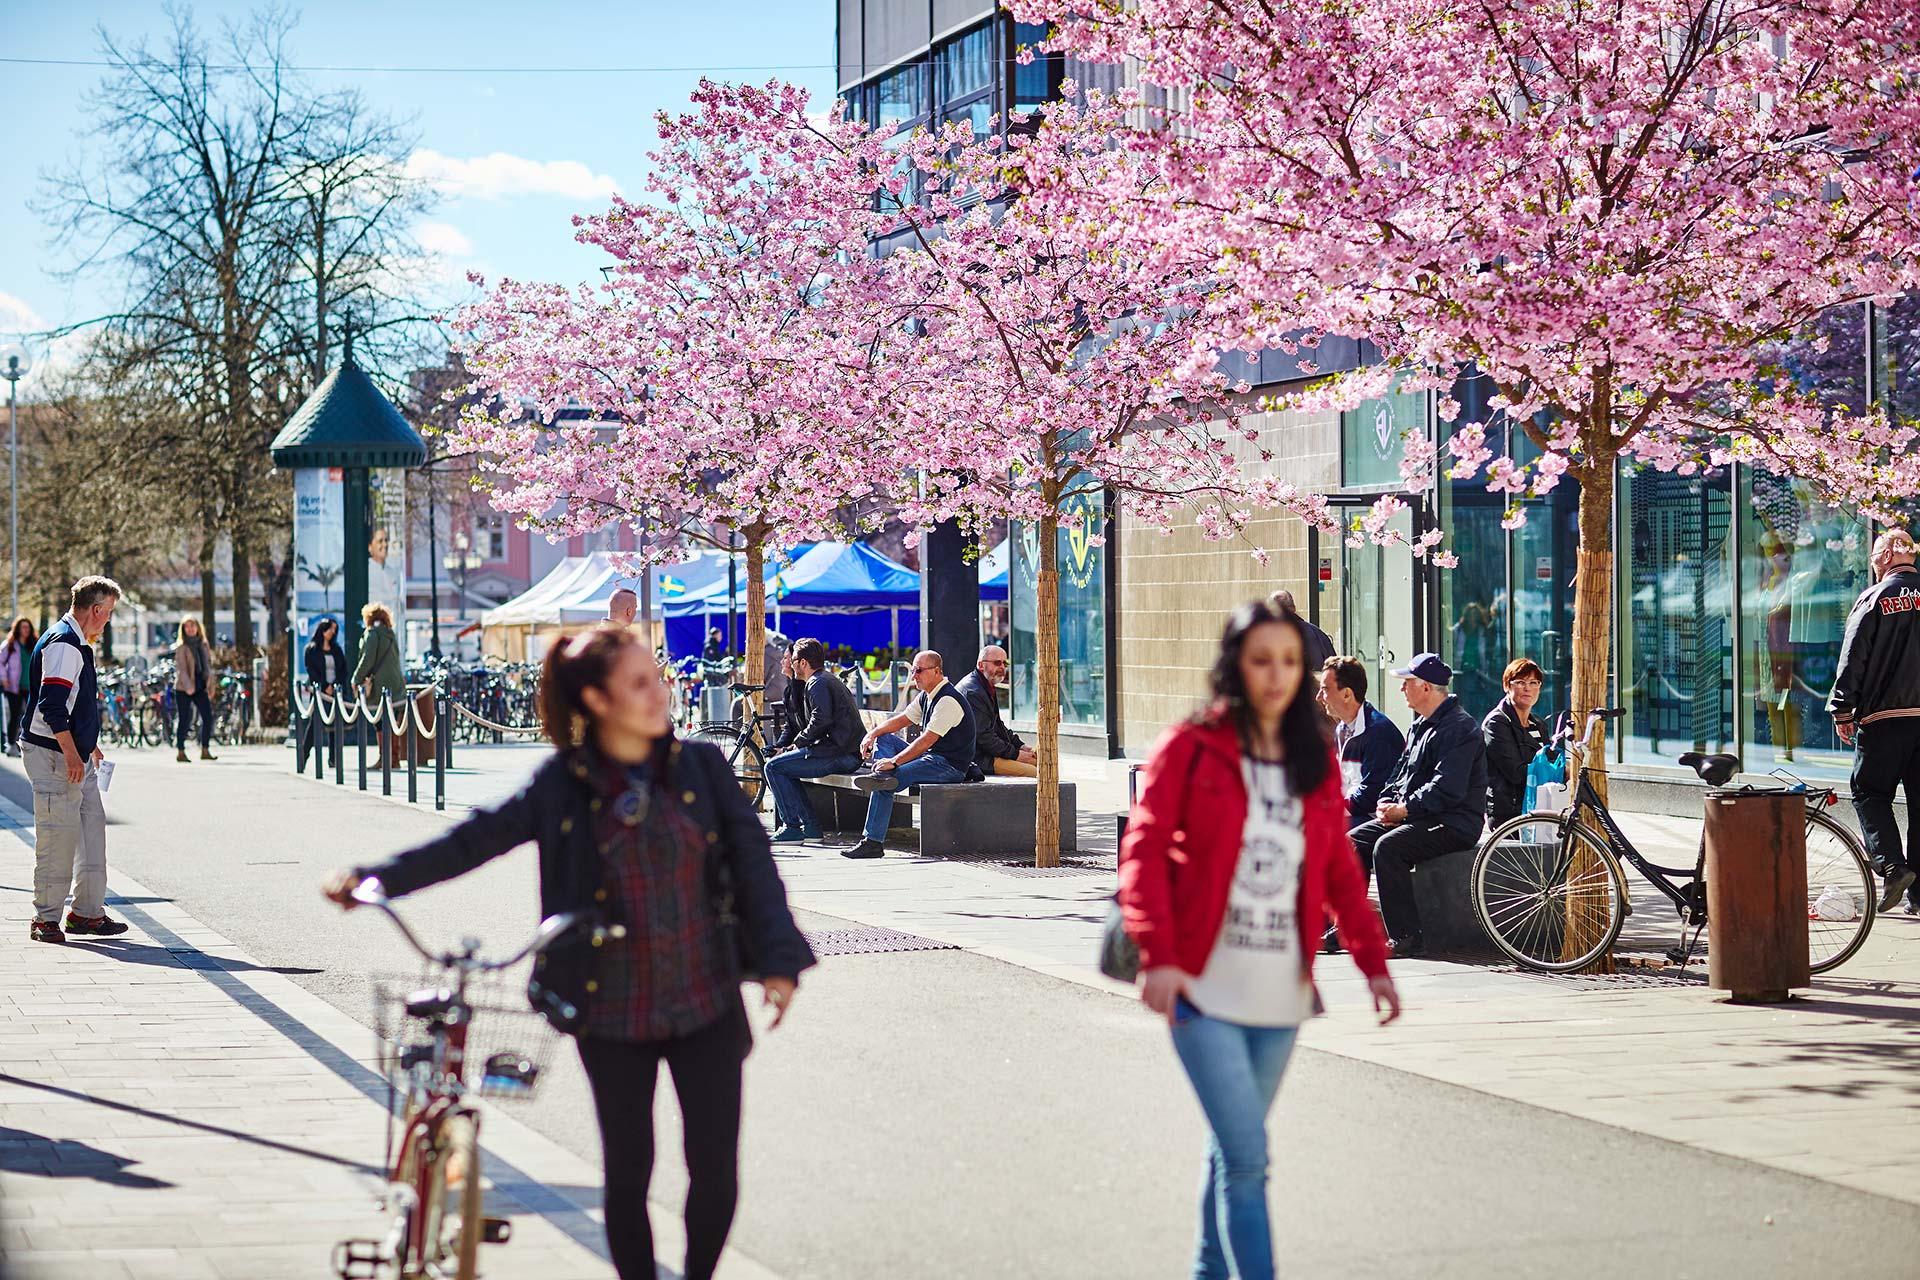 Körsbärsträden i full blom i Västerås City. Två kvinnor går tillsammans i förgrunden. Fotograf: Pia Nordlander